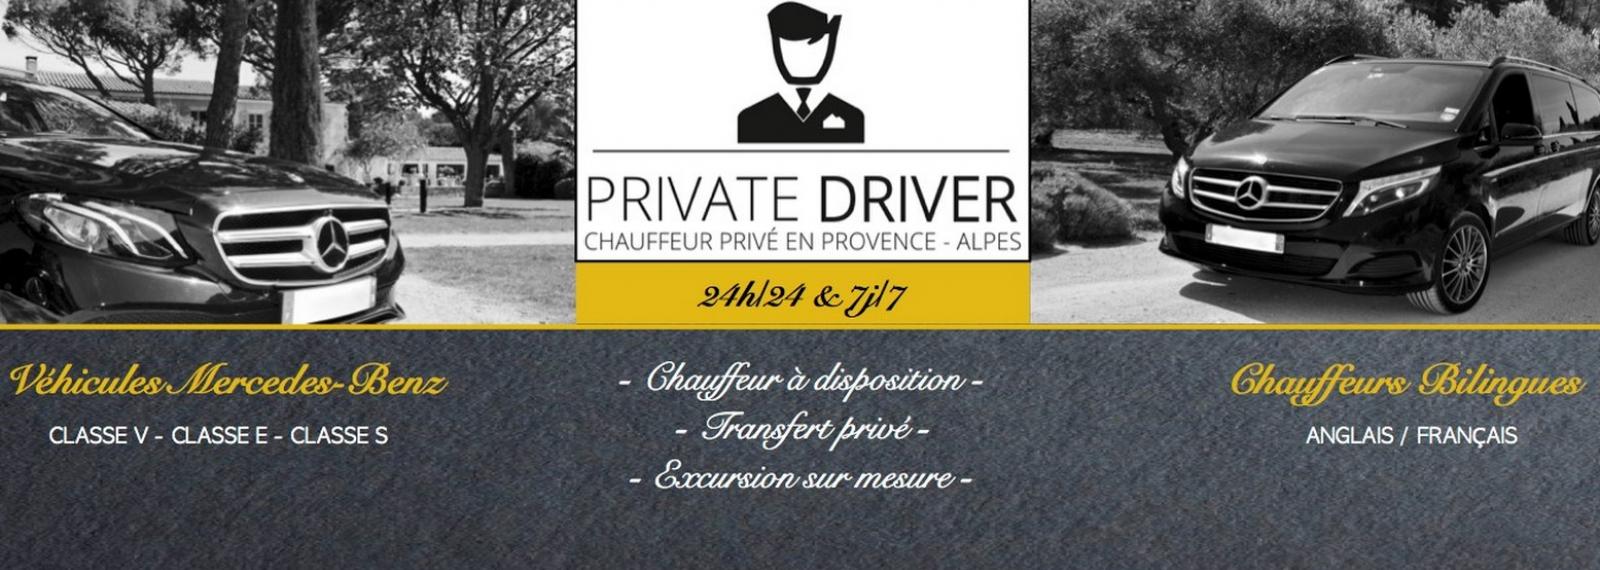 Private DRIVER VTC à Saint-Rémy-de-Provence